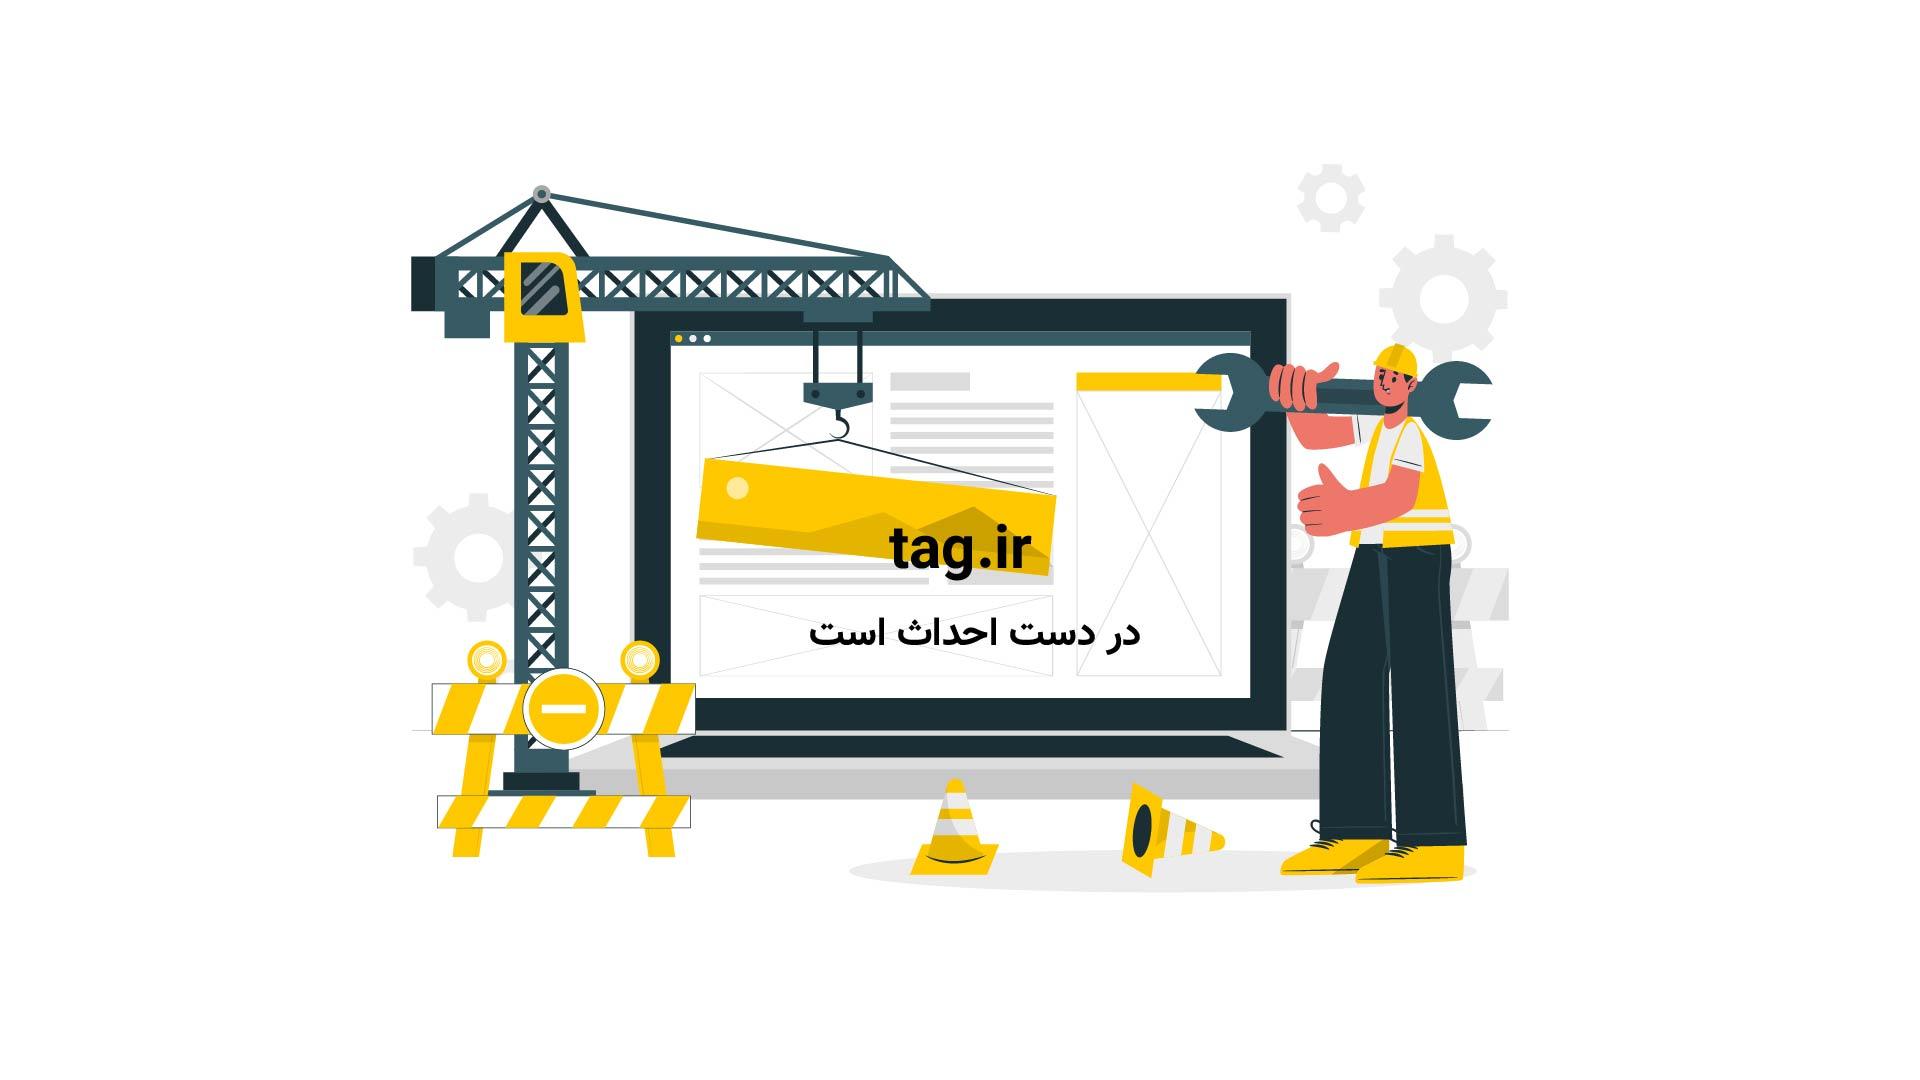 آموزش یک تمرین کاربردی برای تمام عضلات بدن | فیلم